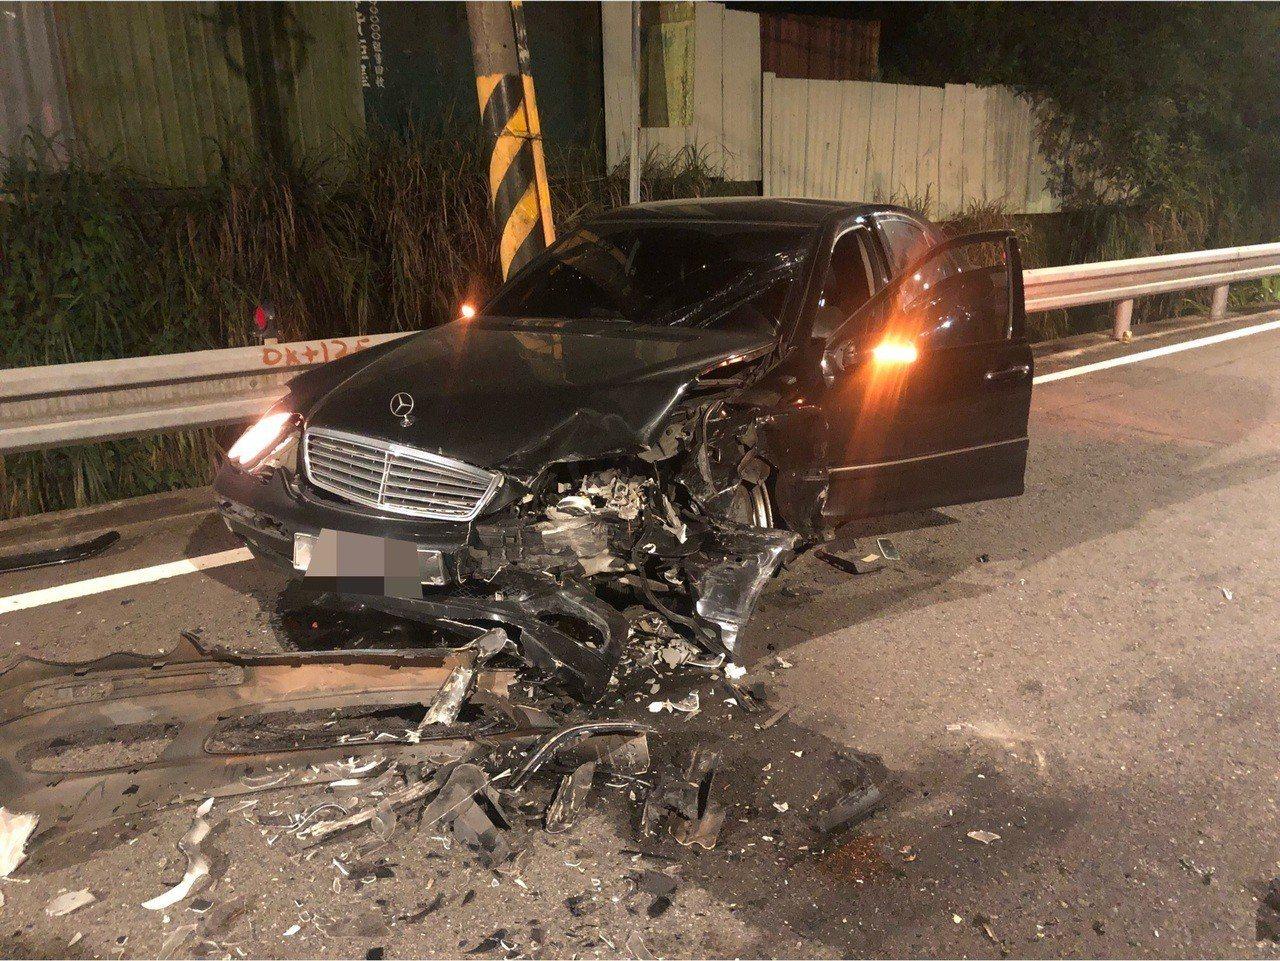 無端挨撞的另1輛賓士車頭側邊被撞爛,可見撞擊力道之大。記者林昭彰/翻攝